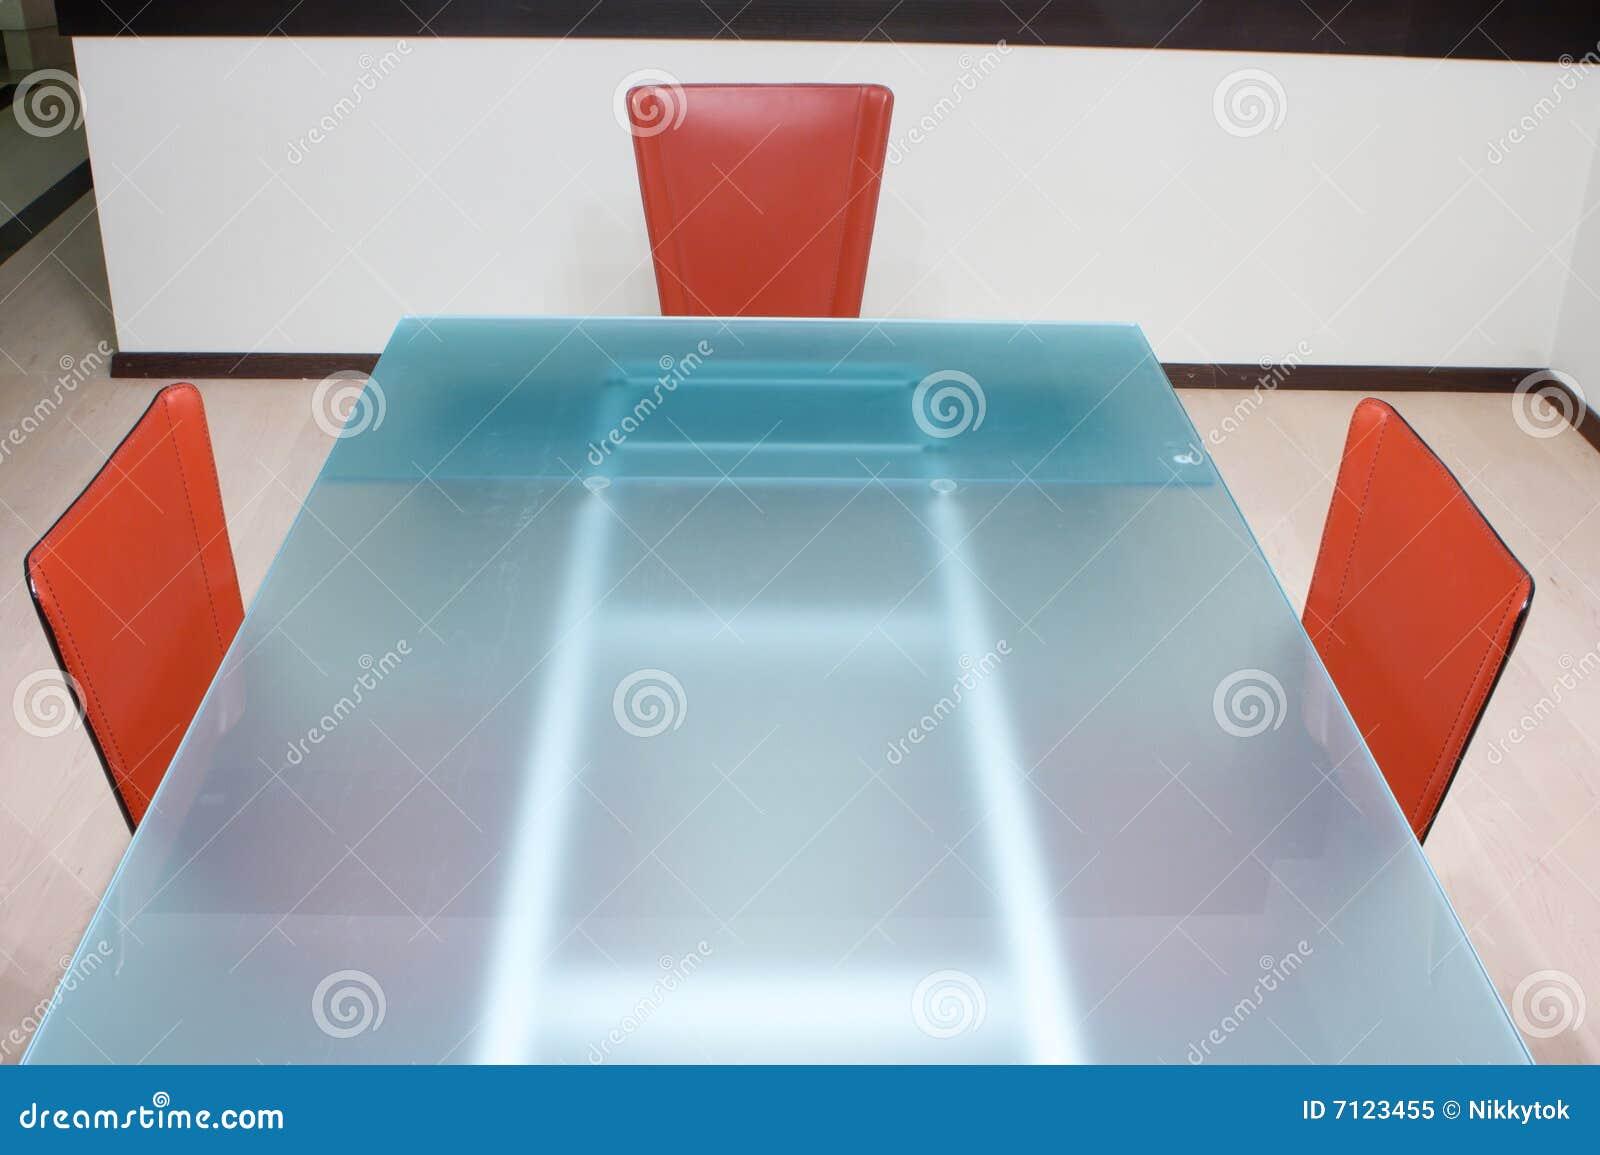 Table de cuisine moderne photo libre de droits image 7123455 - Table de cuisine moderne ...